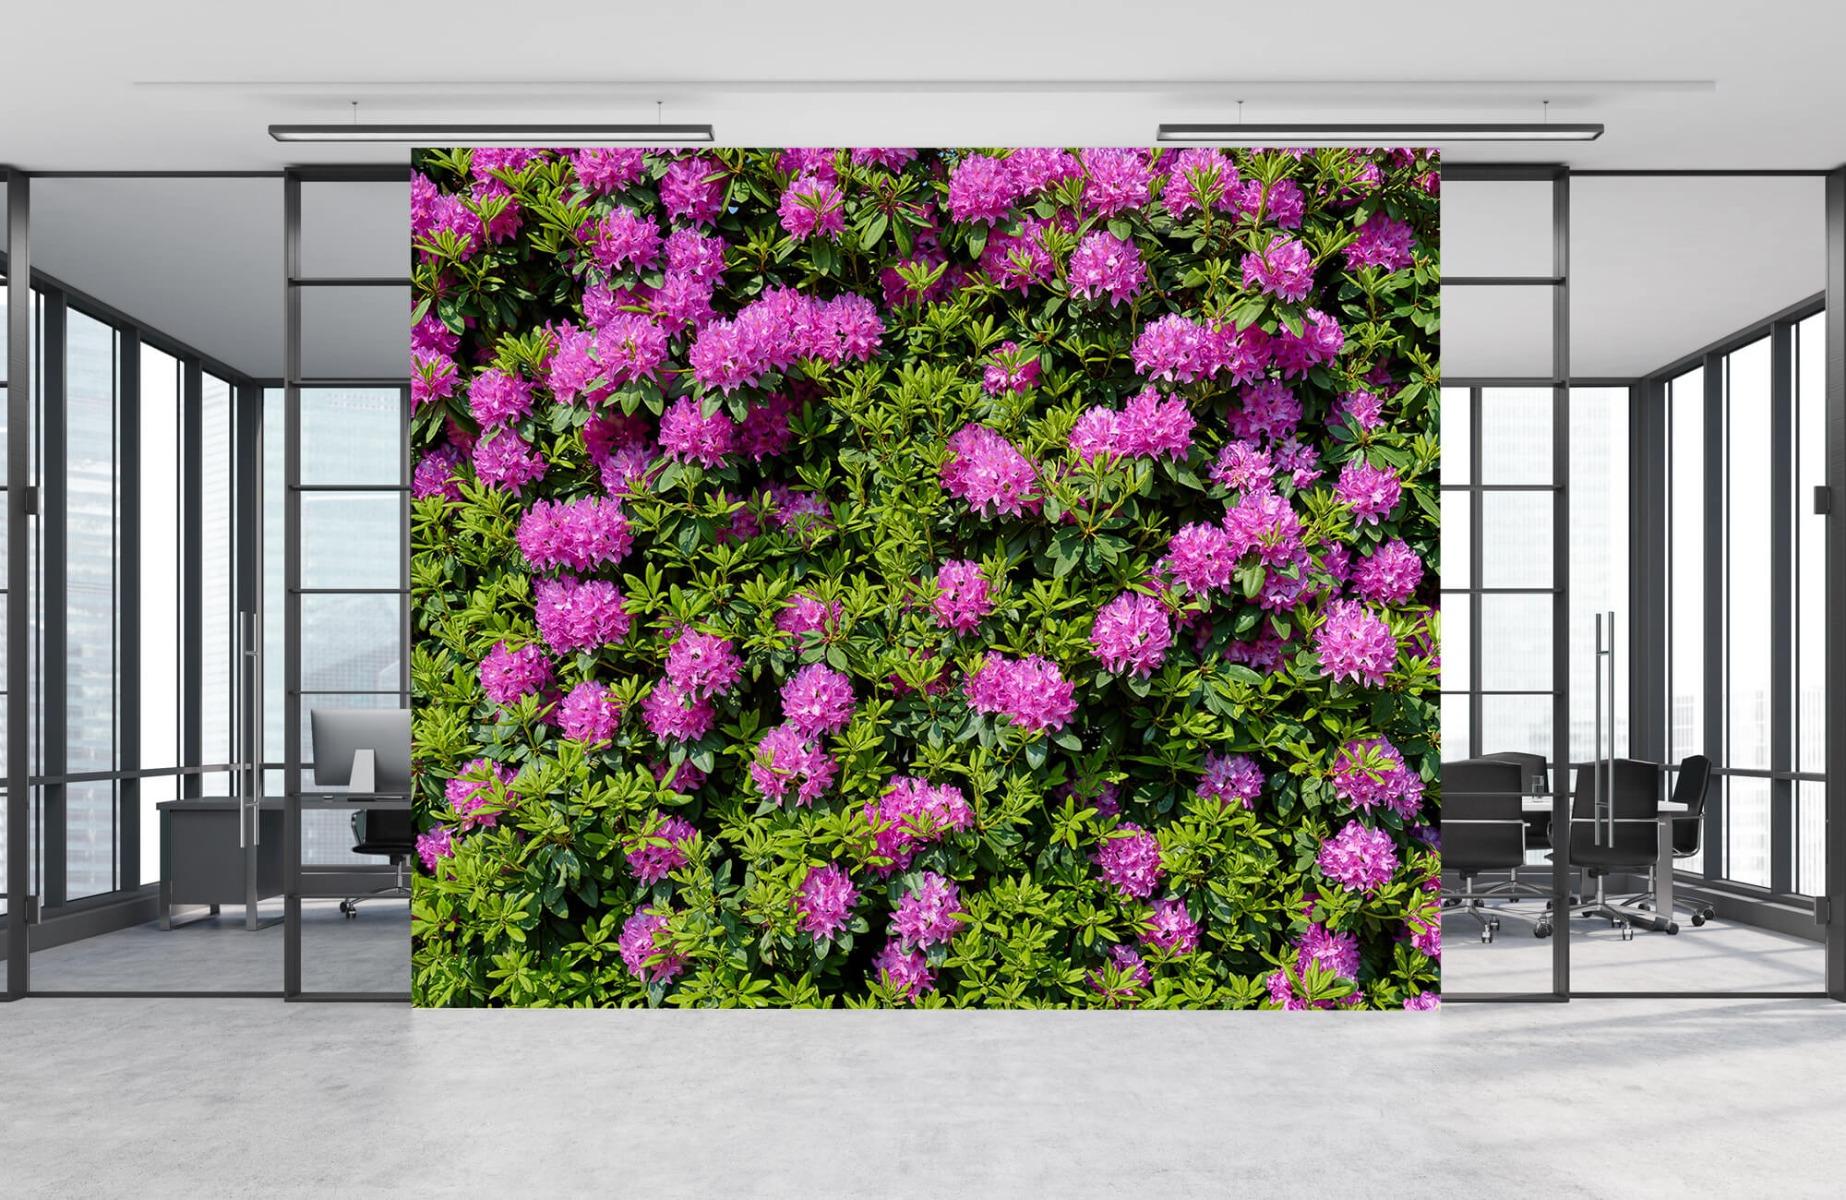 Bloemenvelden - Grote muur van rododendrons - Wallexclusive - Woonkamer 9